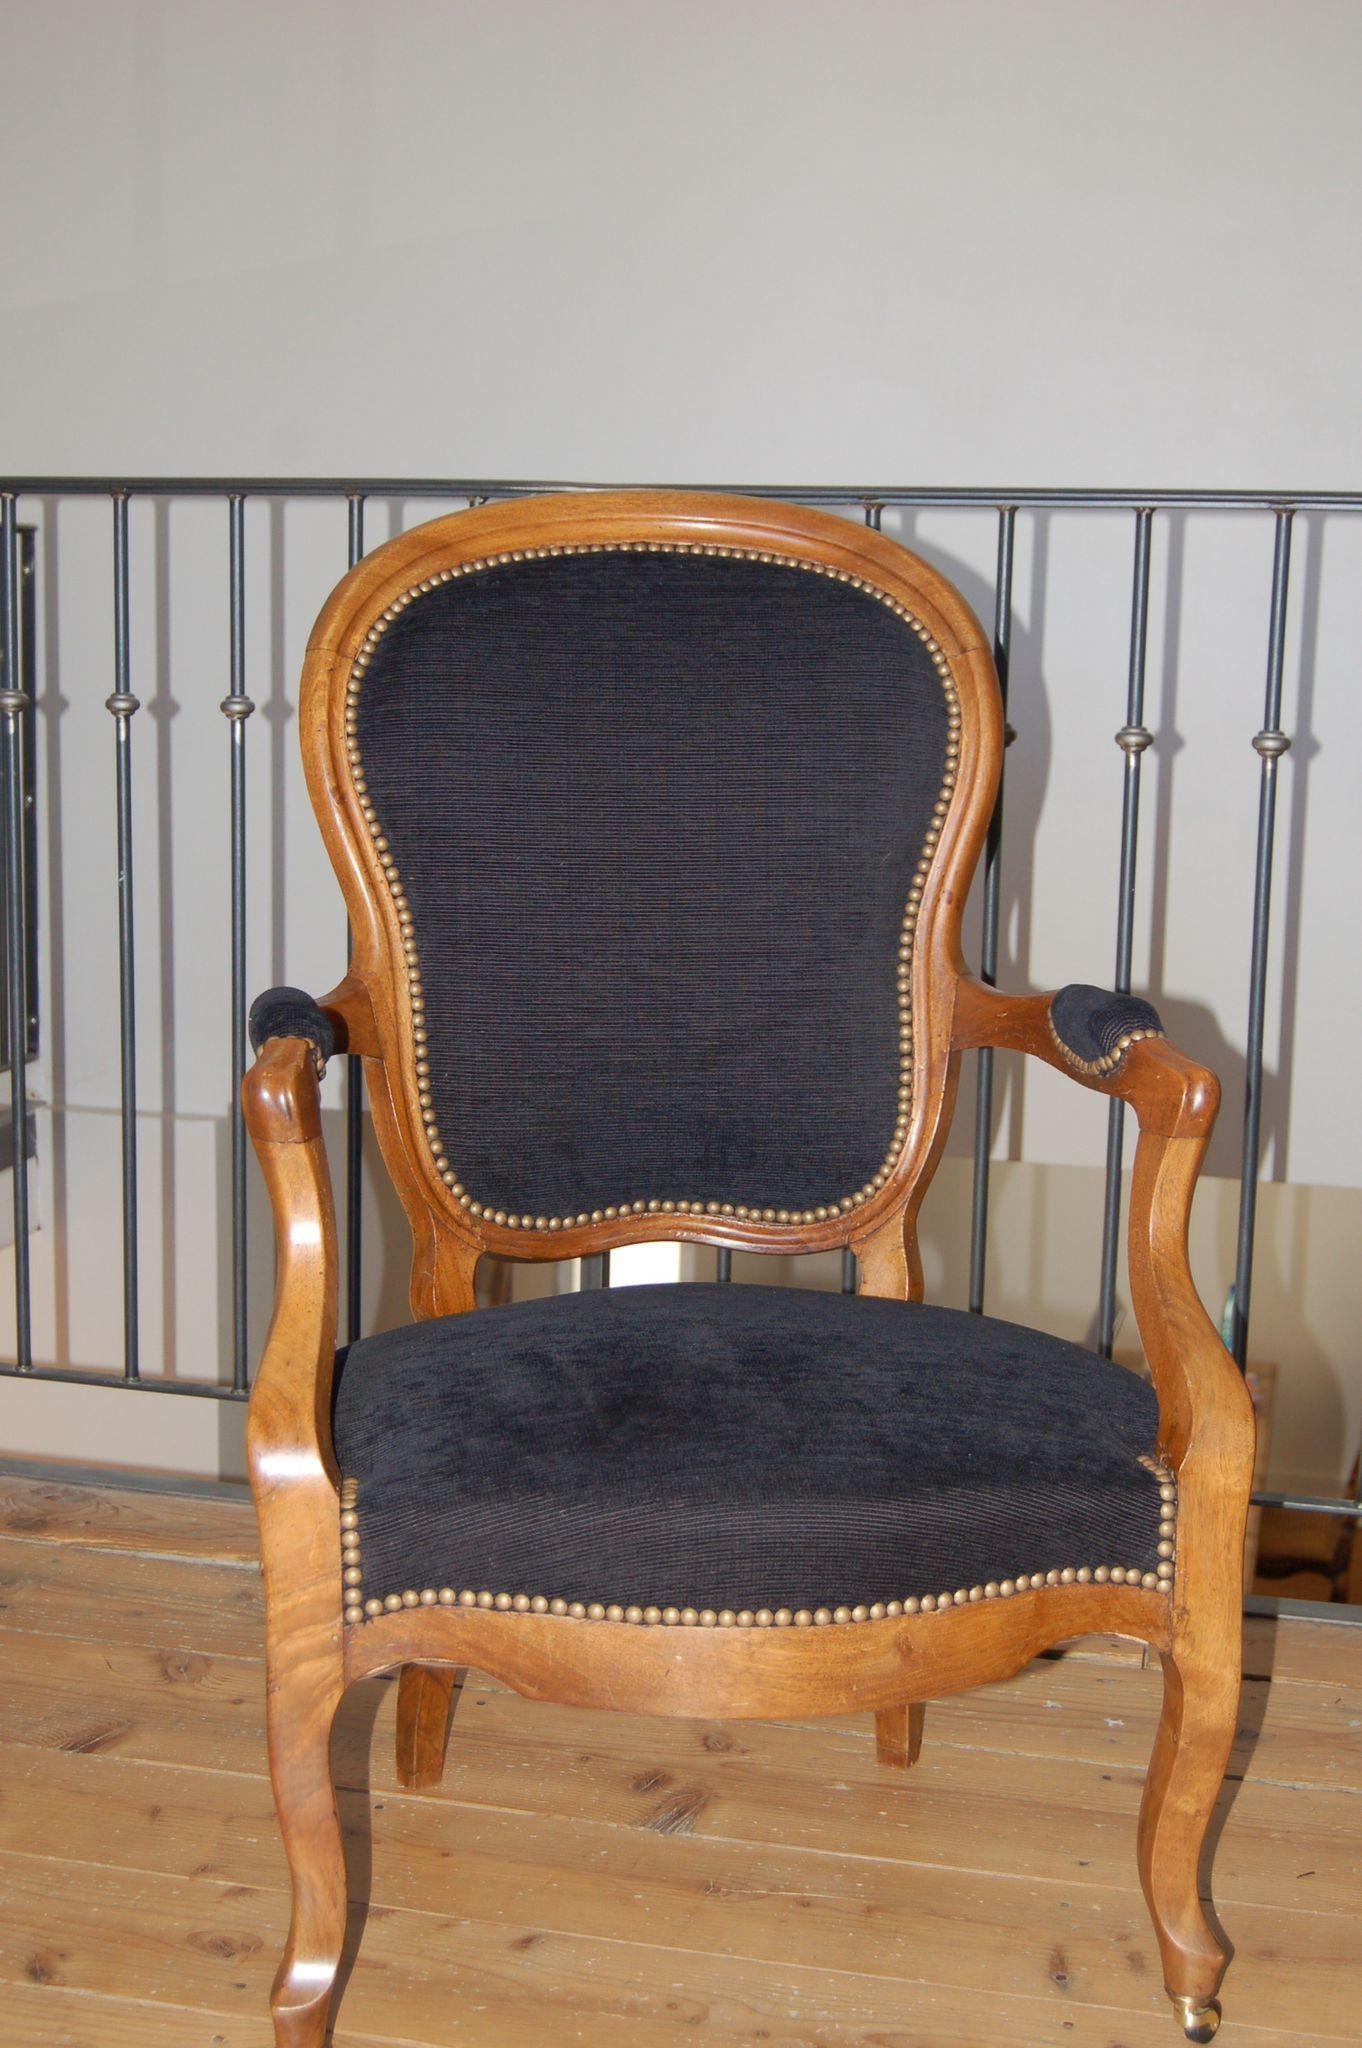 Fauteuil Cabriolet De Style Louis Philippe Photo De Realisations Voltaire Et Cie Fauteuil Cabriolet Fauteuil Relooking Meuble Ancien